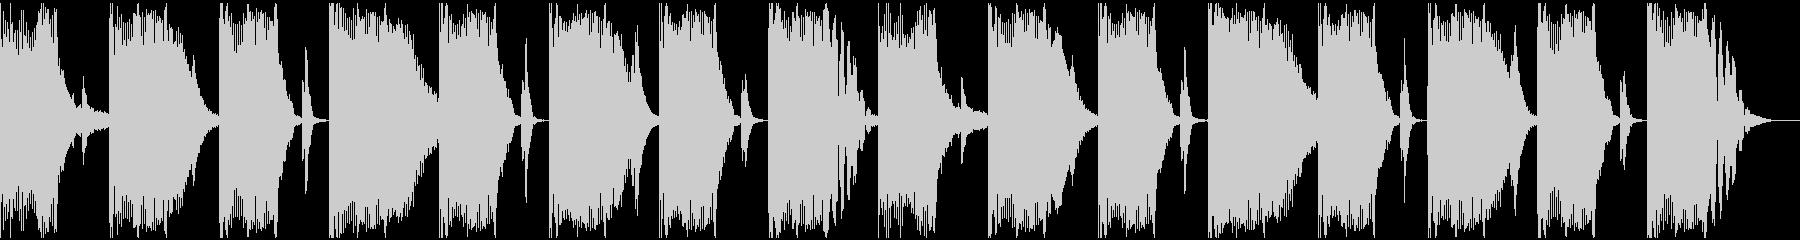 【エレクトロニカ】ロング2、ショート6の未再生の波形